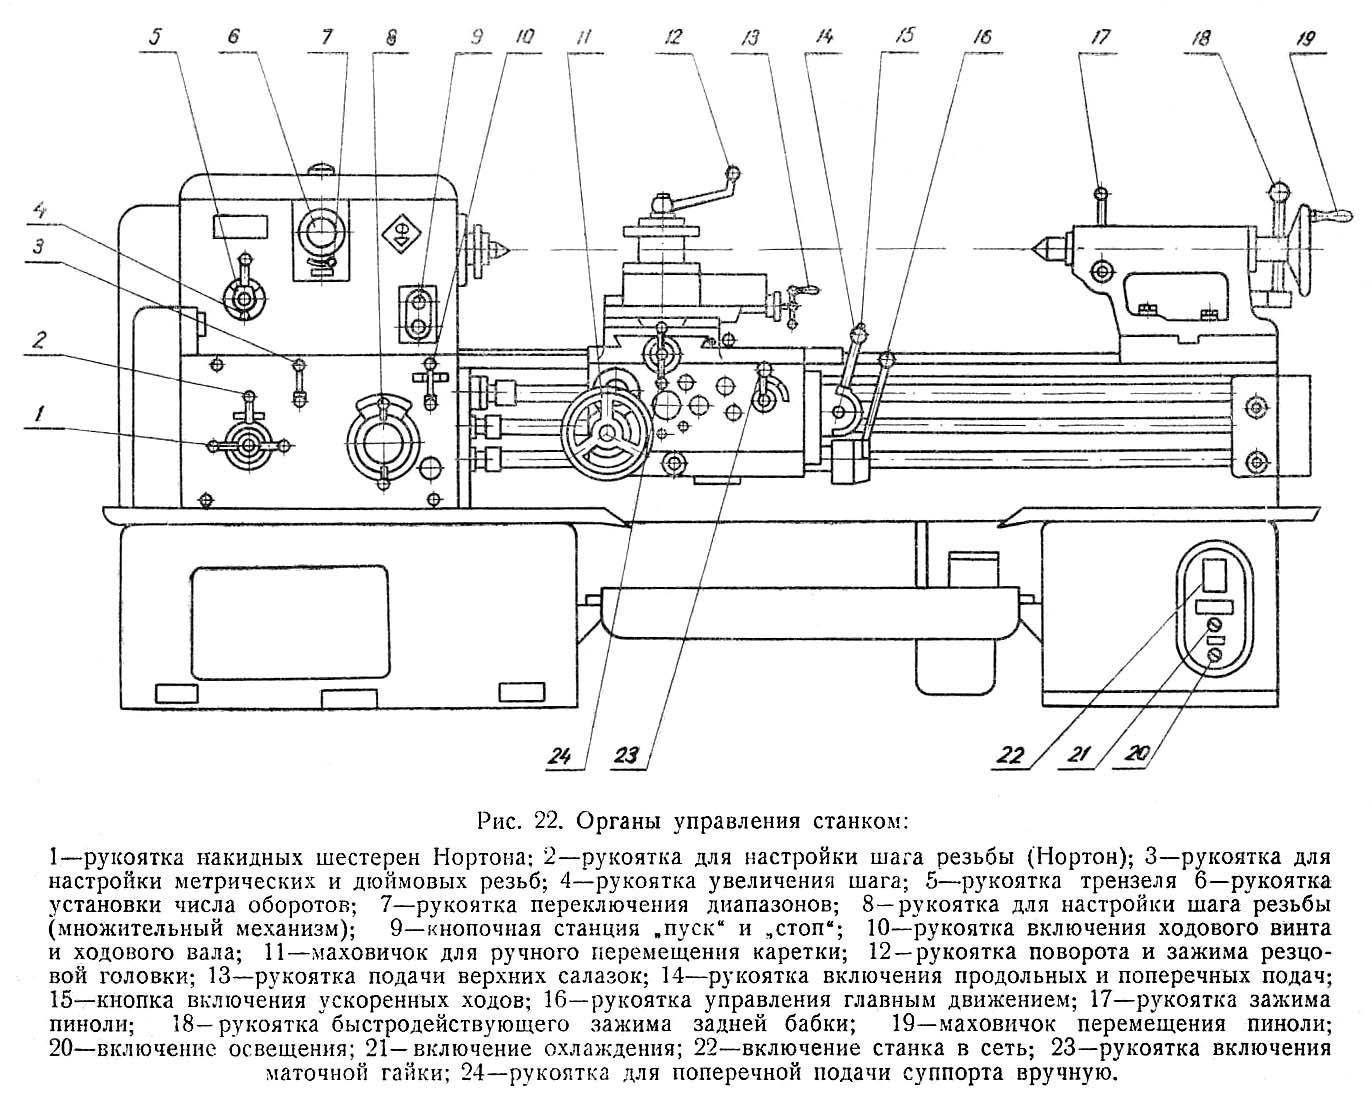 Возможности, технические характеристики и схемы токарного станка 1а616